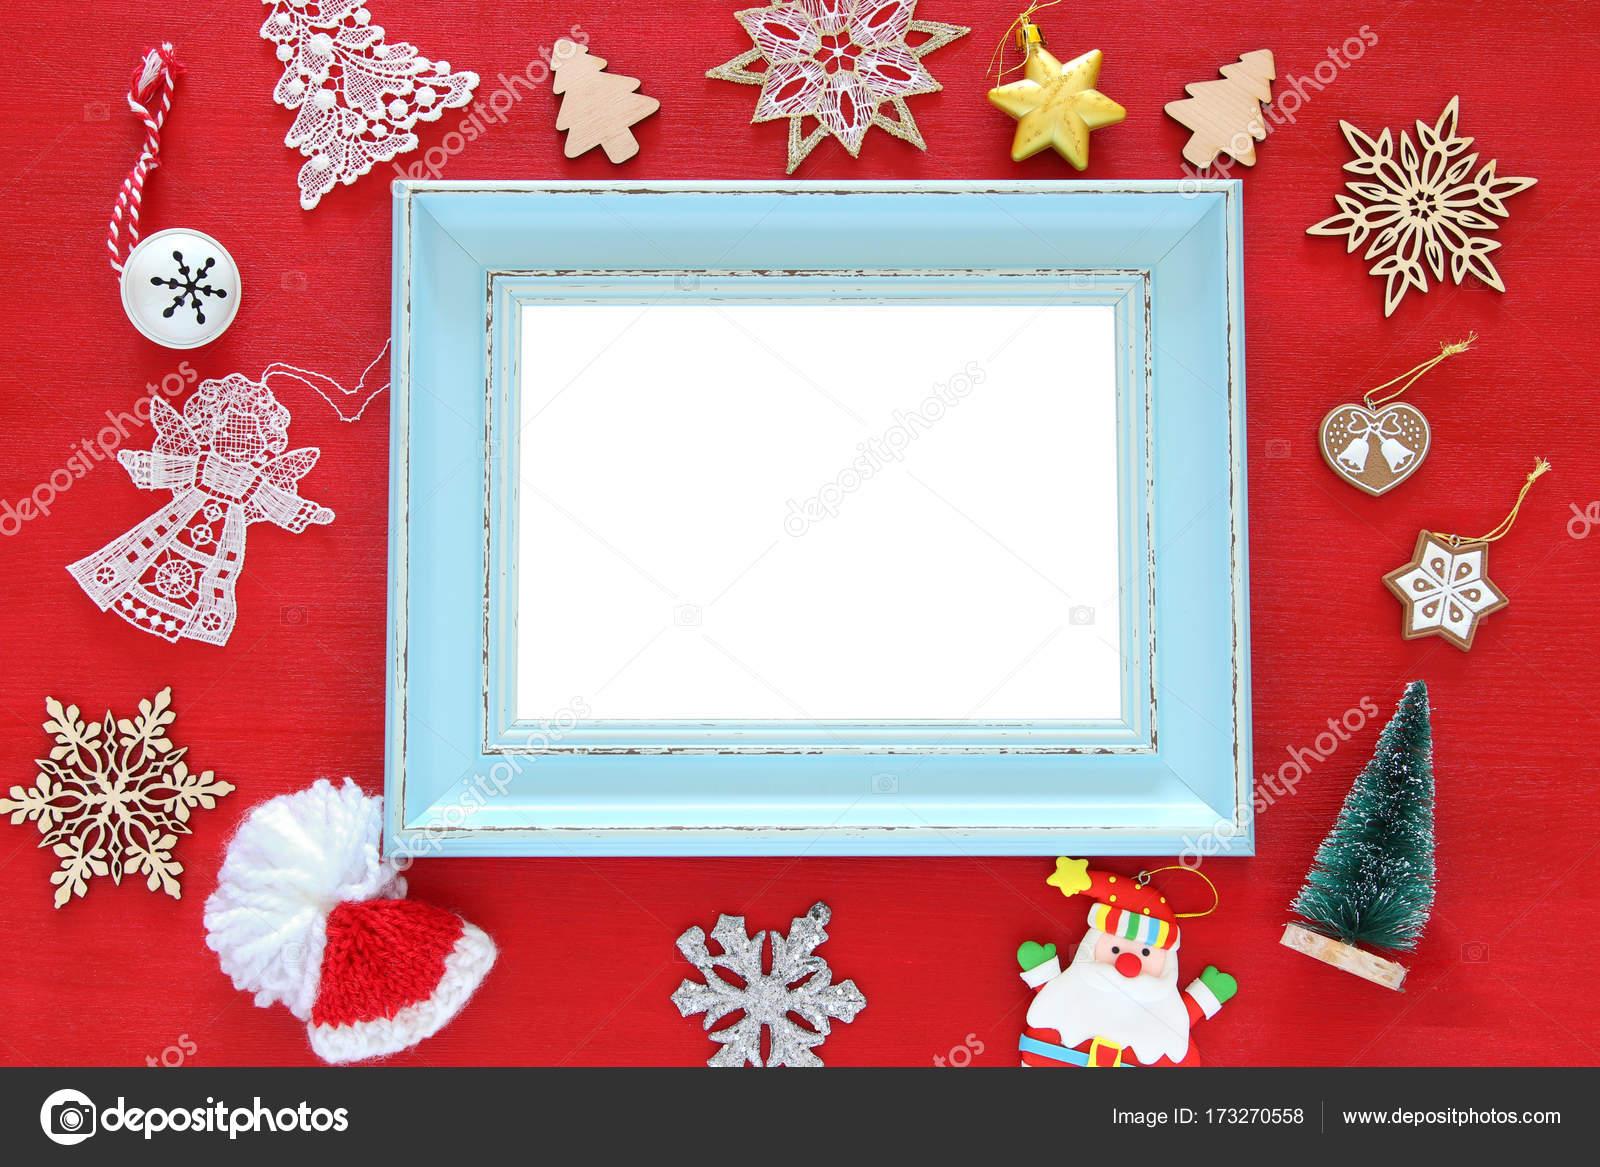 Draufsicht der festlichen Weihnachtsschmuck neben alten Bilderrahmen ...